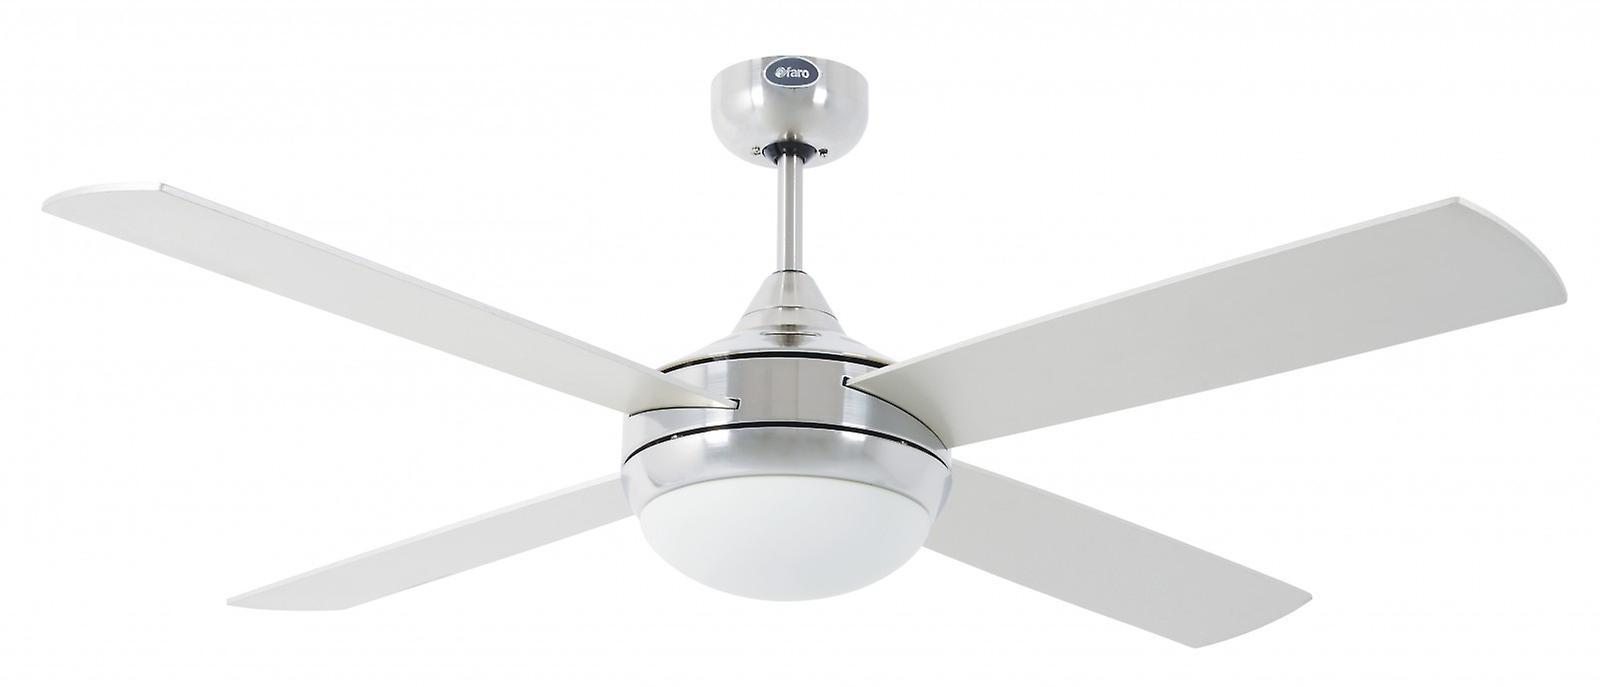 Ventilatore a soffitto in alluminio Icaria 132 cm/52